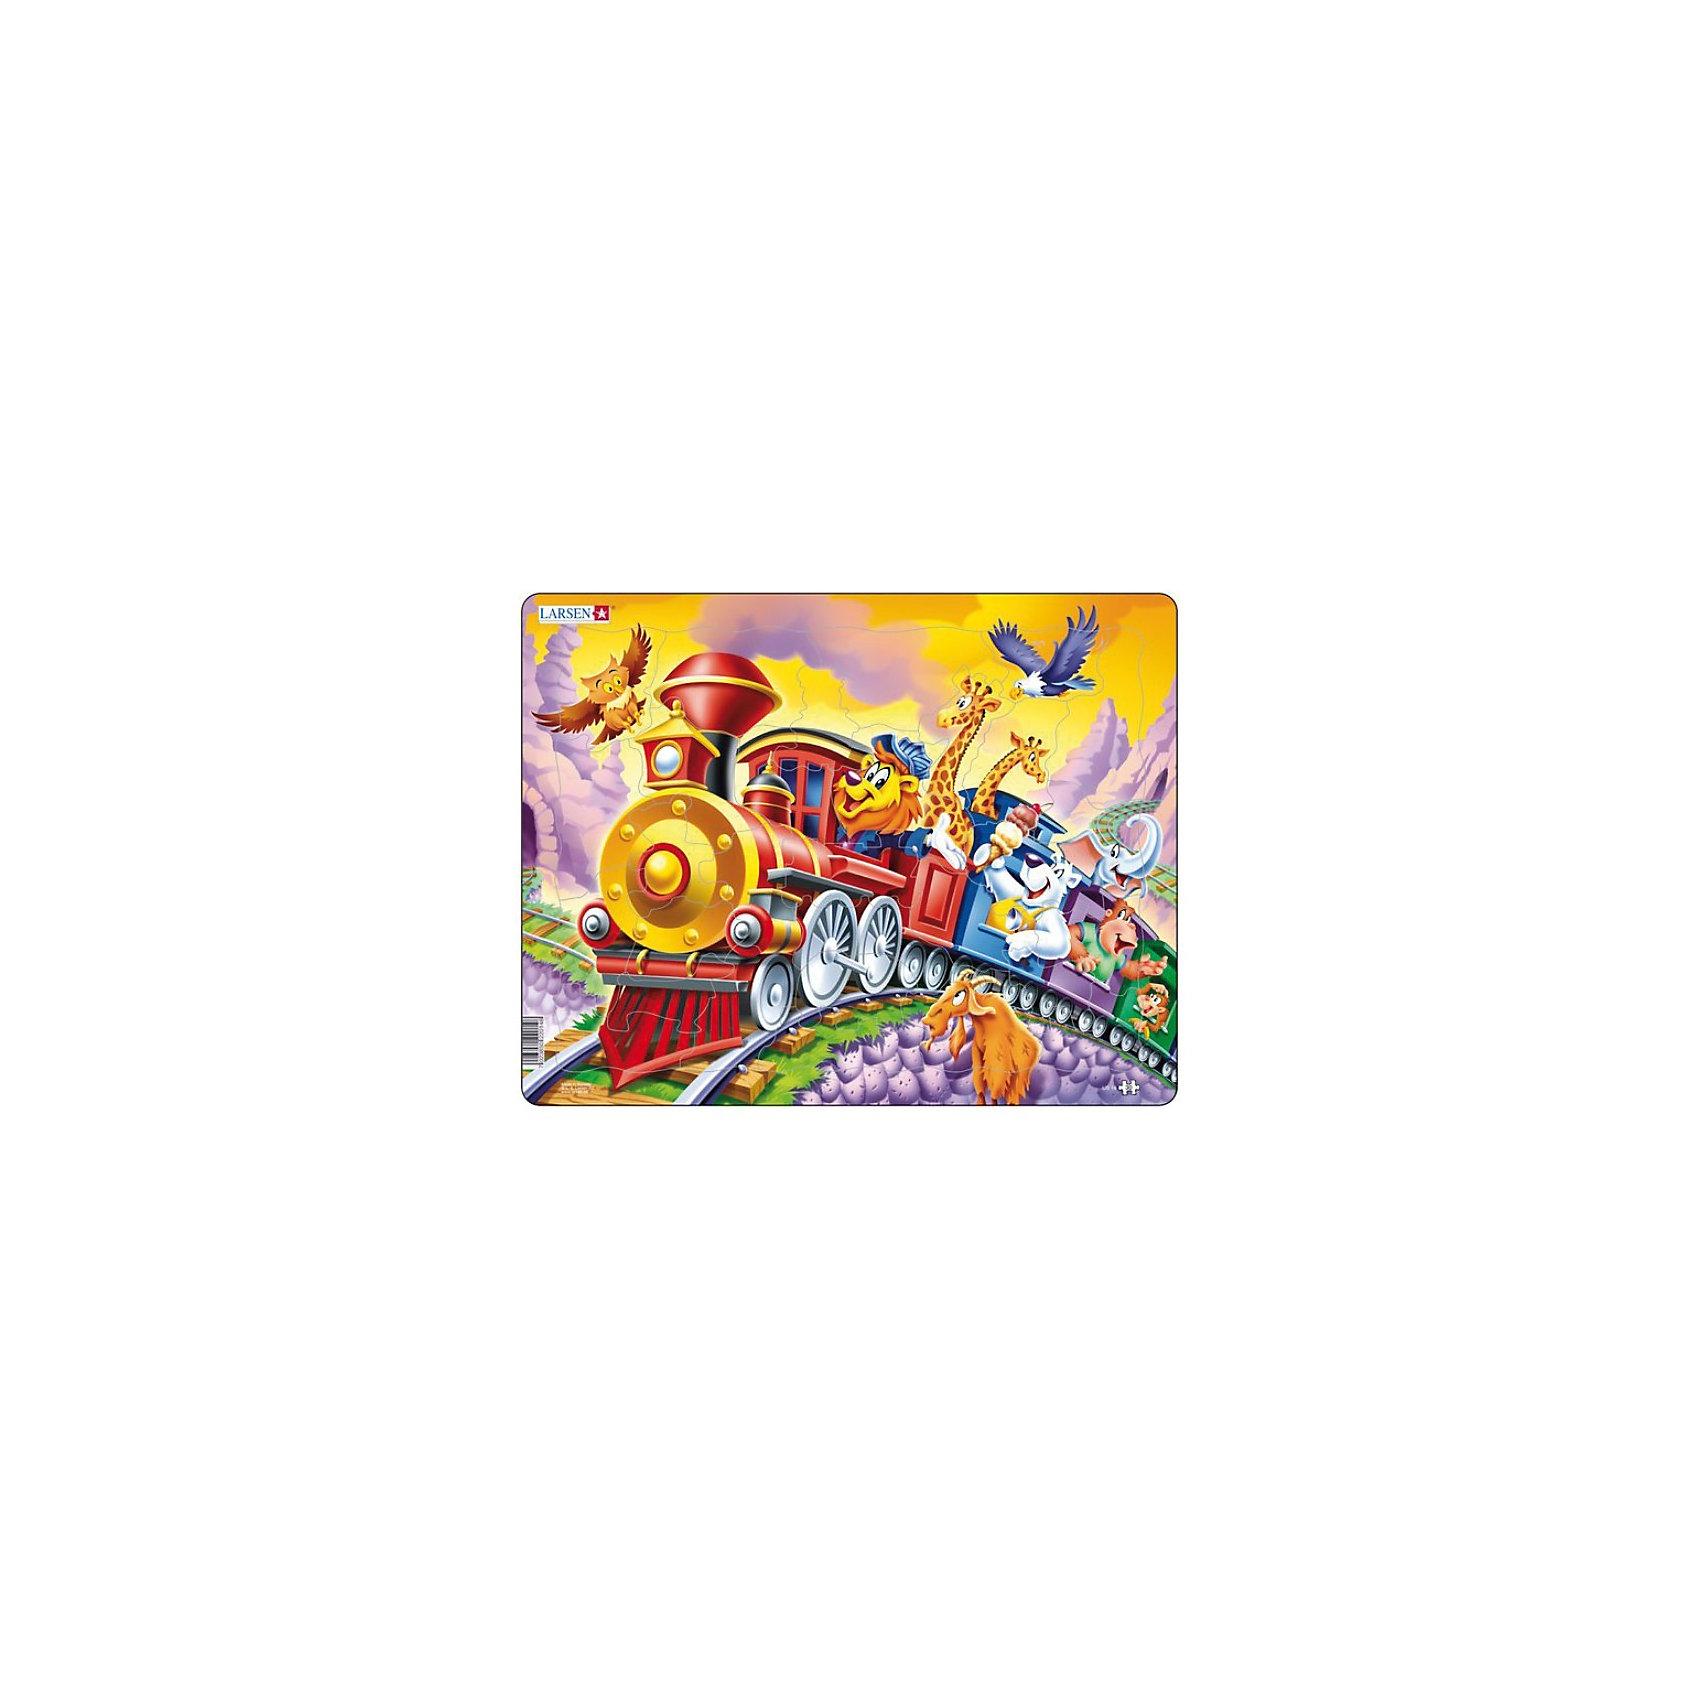 Пазл Поезд с цирком,  Larsen, 30 деталейПазл Поезд с цирком,  Larsen, 30 деталей — это красочный пазл с веселым сюжетом. По рельсам мчится красный паровоз с цирковыми животными. Изготовлен пазл из плотного трехслойного картона, имеет специальную подложку и рамку, которые облегчают процесс сборки. Принцип сборки пазла заключается в использовании принципа совместимости изображений и контуров пазла. Если малыш не сможет совместить детали пазла по рисунку, он сделает это по контуру пазла, вставив его в подложку как вкладыш. Высокое качество материала и печати не допускают износа, расслаивания, деформации деталей и стирания рисунка. Многообразие форм и разные размеры деталей пазла развивают мелкую моторику пальцев. Занятия по сборке пазла развивают образное и логическое мышление, пространственное воображение, память, внимание, координацию движений.<br><br>Дополнительная информация:<br><br>- Количество элементов: 30 деталей <br>- Материал: плотный трехслойный картон<br>- Размер пазла: 36,5 x 28,5 см.<br><br>Пазл Поезд с цирком,  Larsen (Ларсен), 30 деталей можно купить в нашем интернет-магазине.<br><br>Ширина мм: 360<br>Глубина мм: 360<br>Высота мм: 280<br>Вес г: 100<br>Возраст от месяцев: 36<br>Возраст до месяцев: 60<br>Пол: Унисекс<br>Возраст: Детский<br>Количество деталей: 30<br>SKU: 3610582